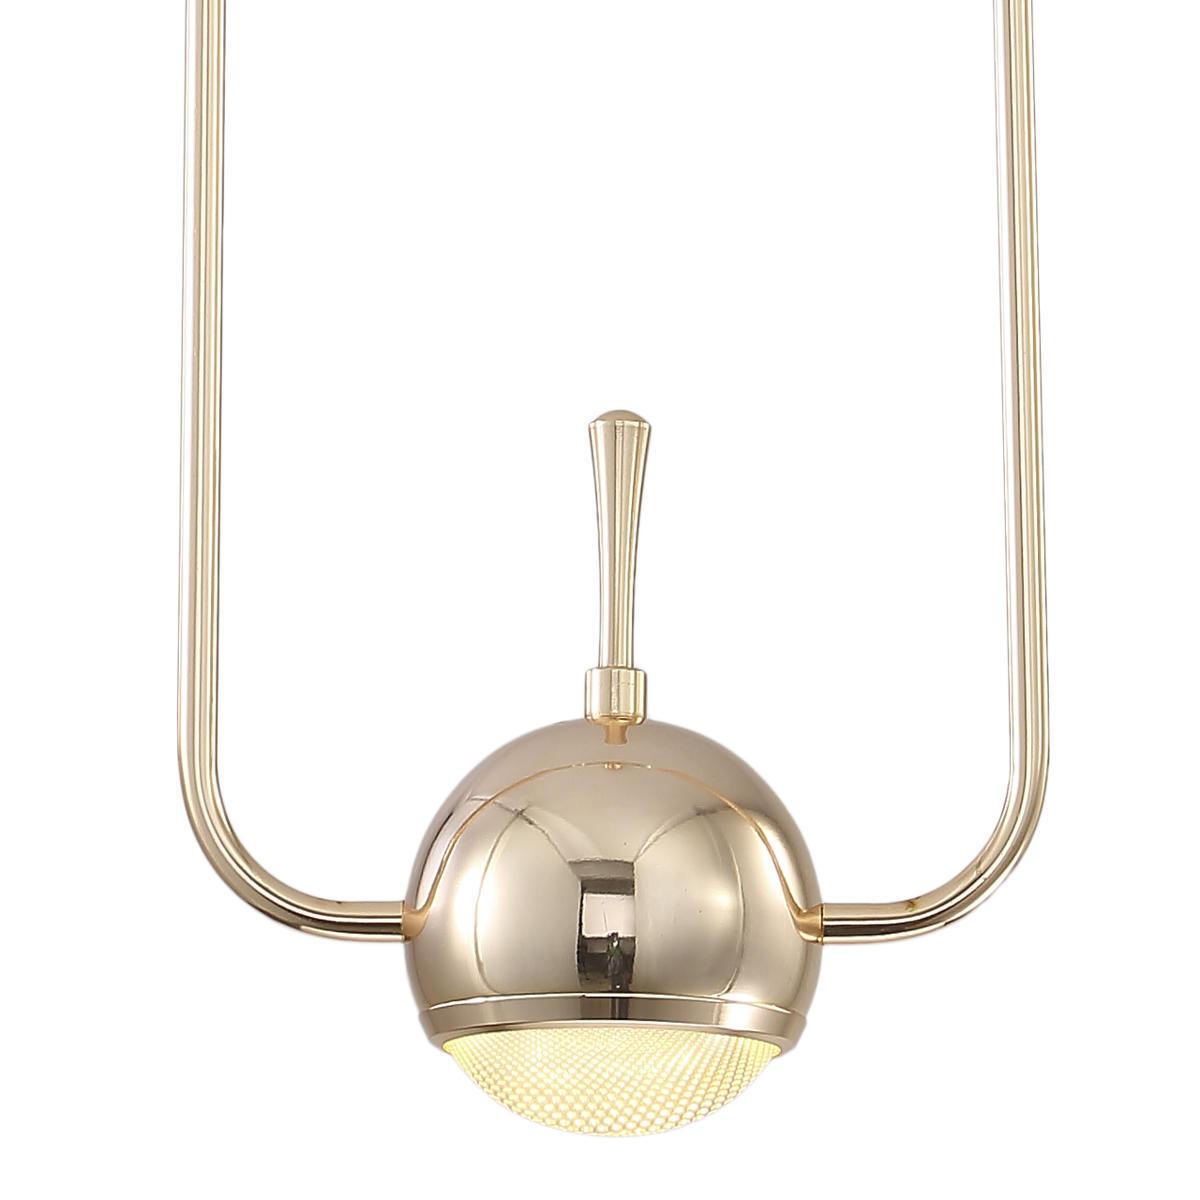 Подвесной светодиодный светильник Loft It Nuance 8139-A, LED 10W, золото, металл, металл с пластиком - фото 3